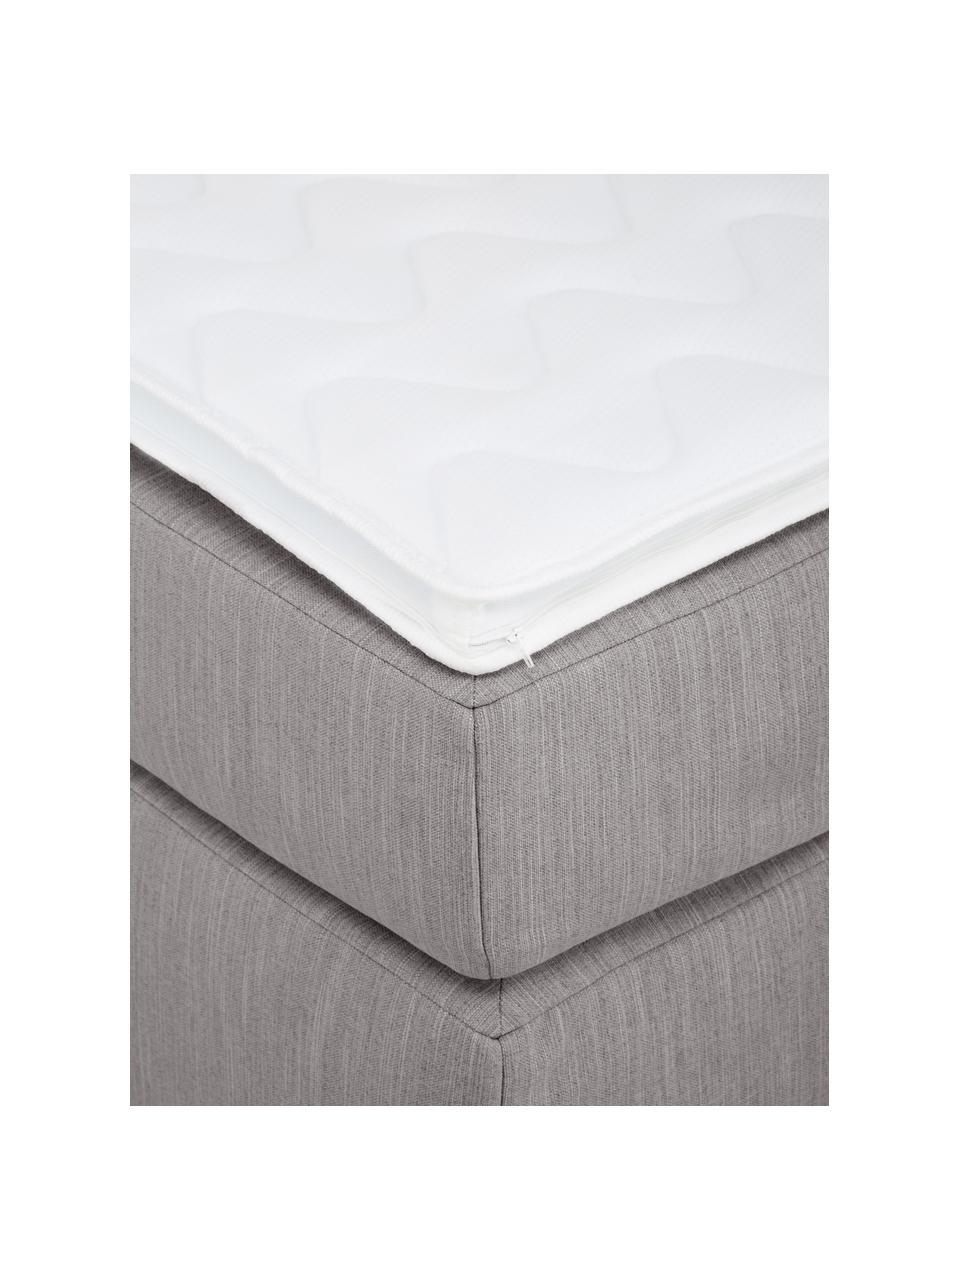 Letto boxspring in tessuto grigio scuro Aries, Materasso: nucleo a 5 zone di molle , Piedini: plastica, Tessuto grigio scuro, 200 x 200 cm